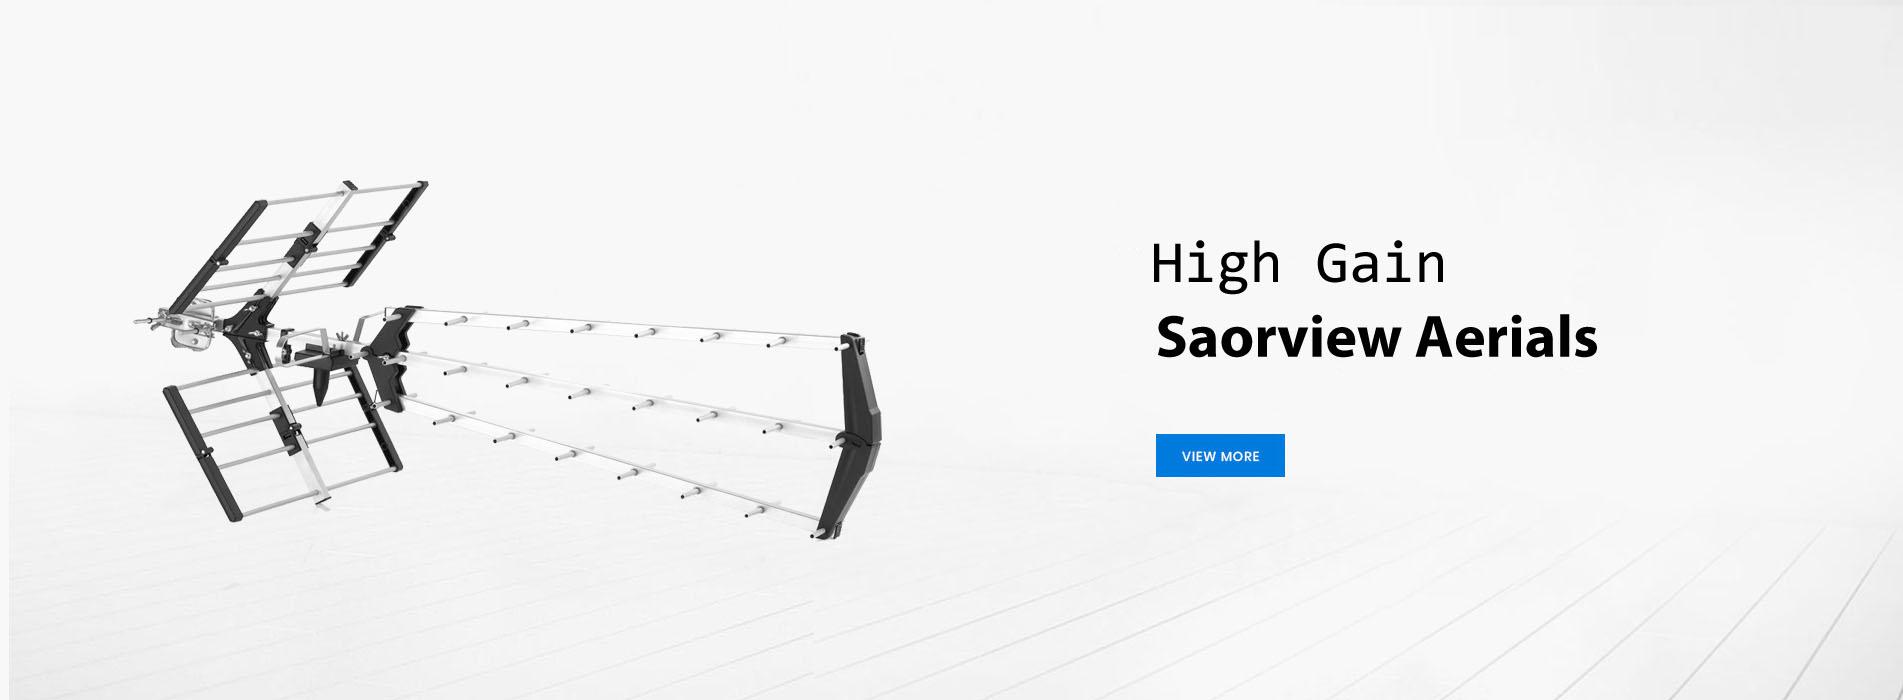 Saorview Aerial